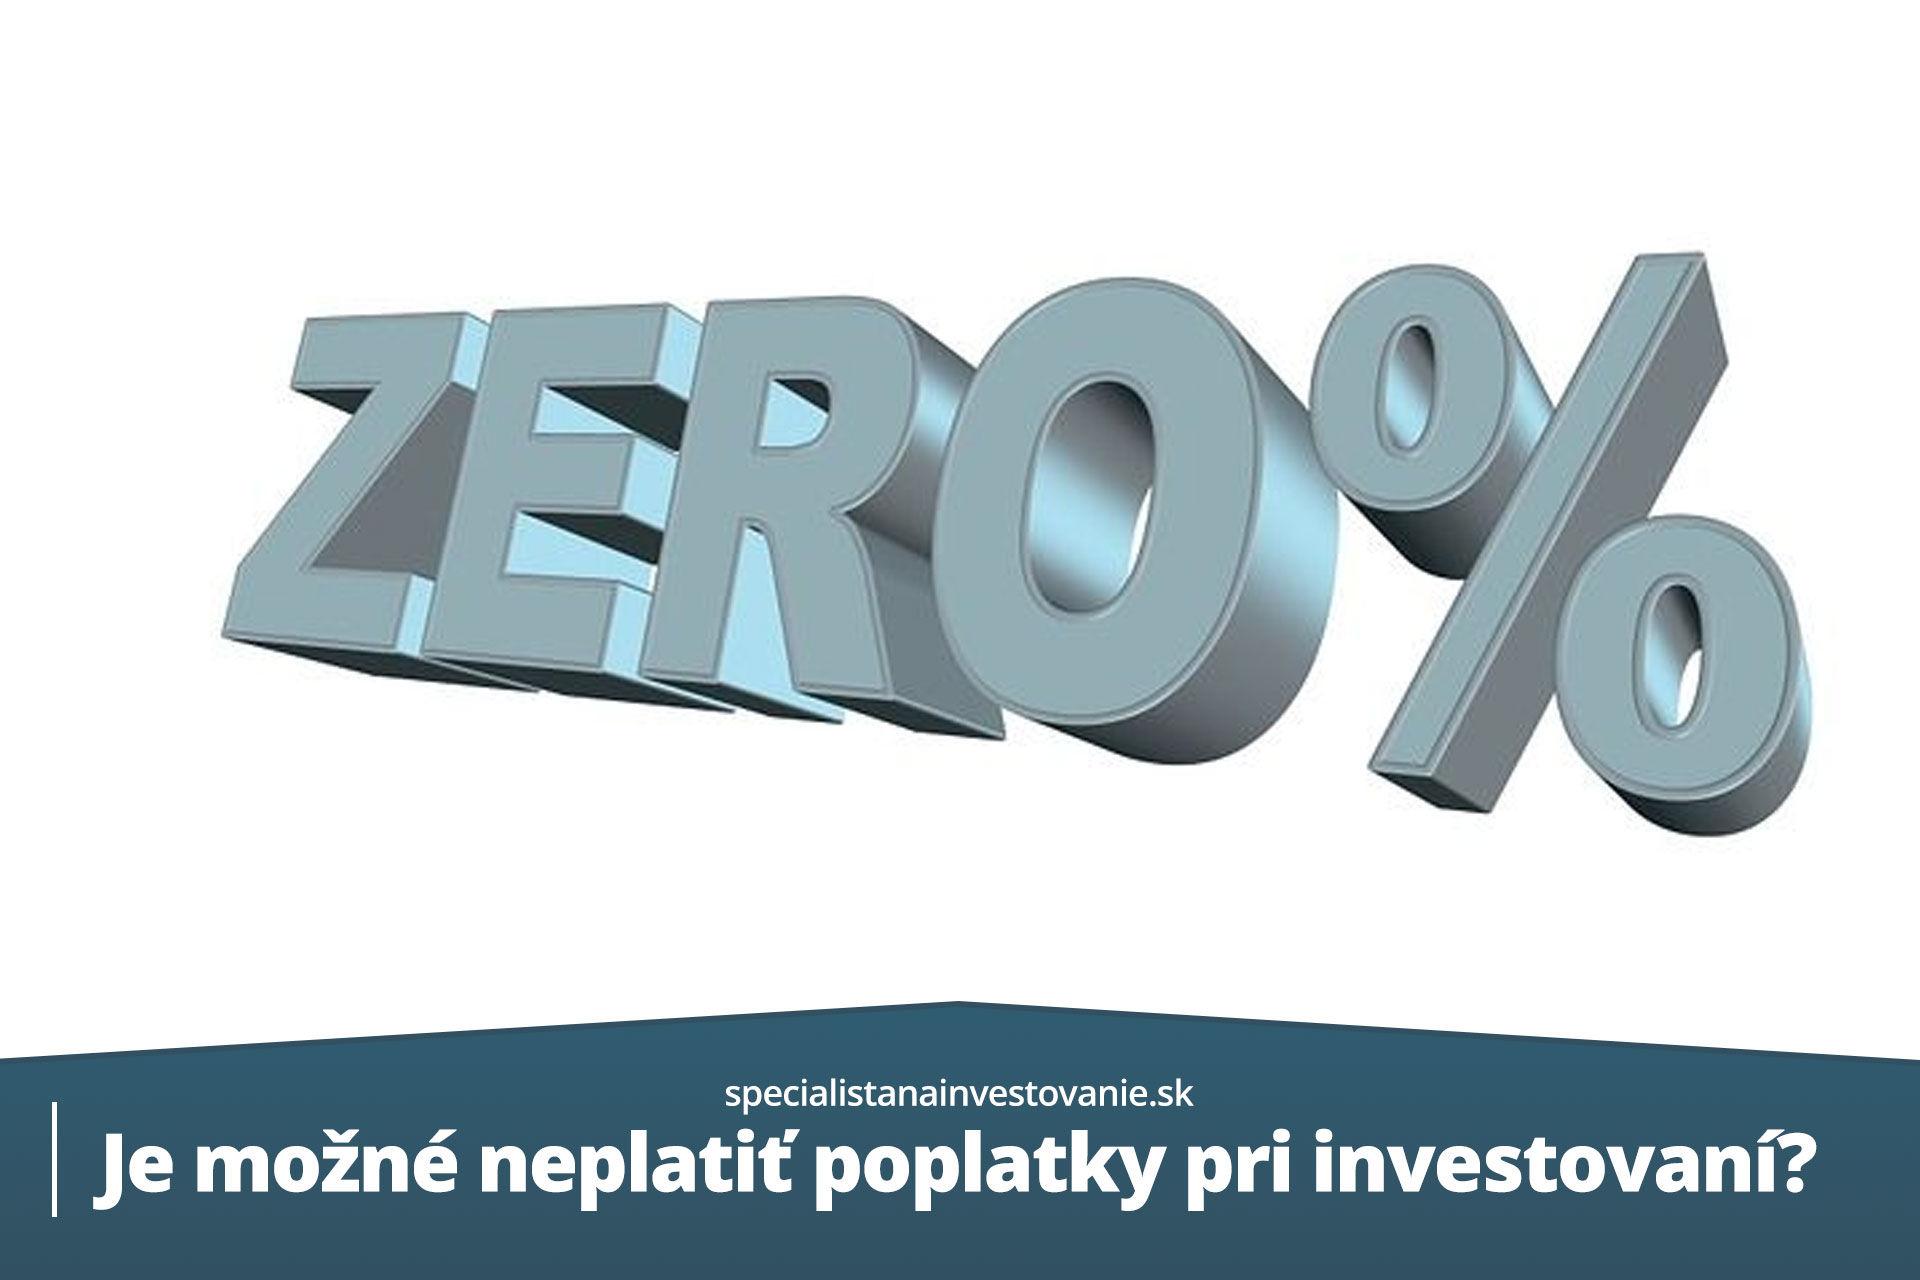 ako neplatiť poplatky pri investovaní